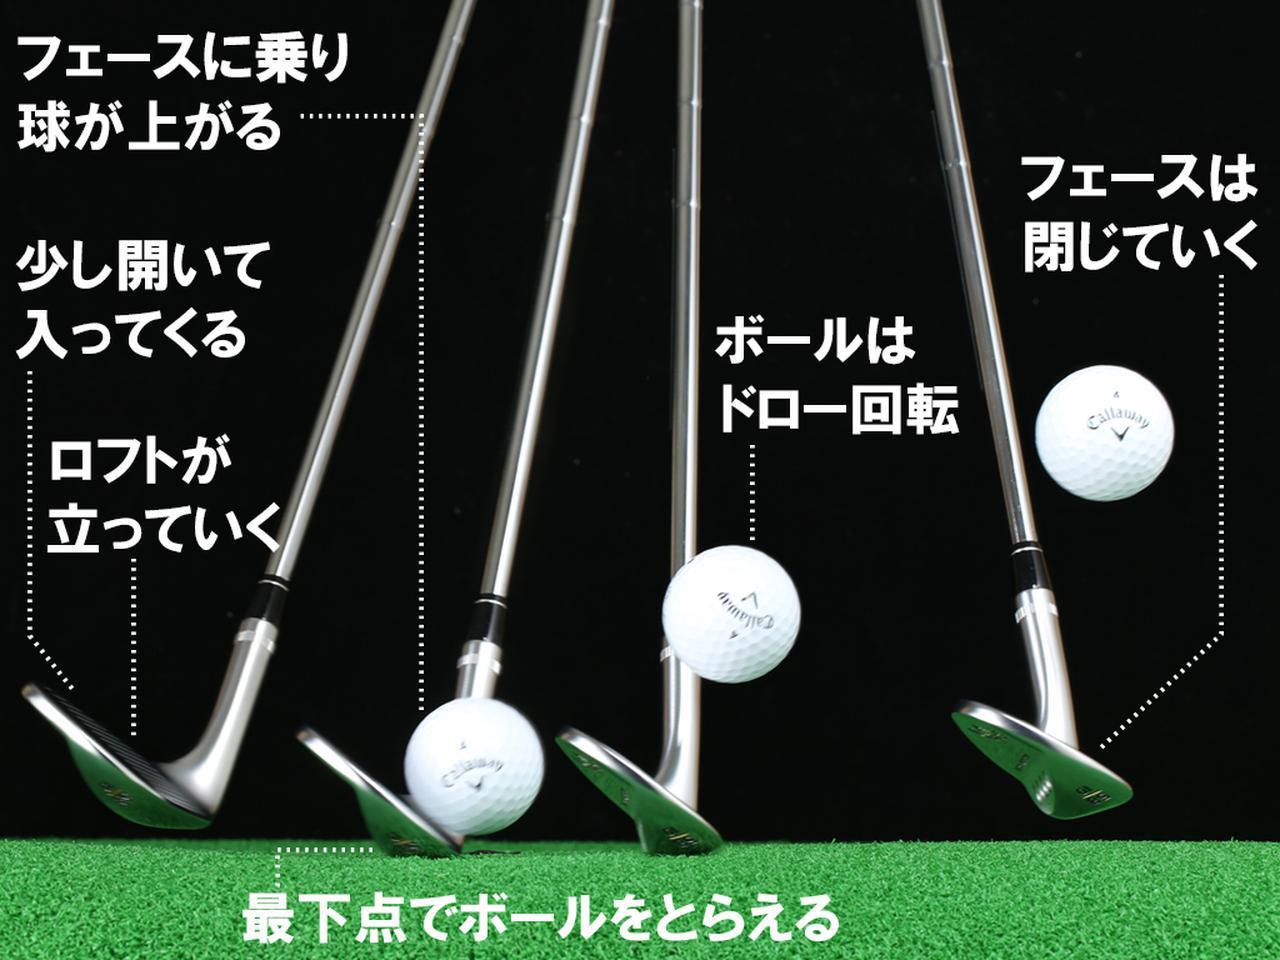 画像: ロフトが立ちながら当たるから、球足が伸びる。「58度のウェッジなを57、56、…と立てながら当てるイメージです」(石川)